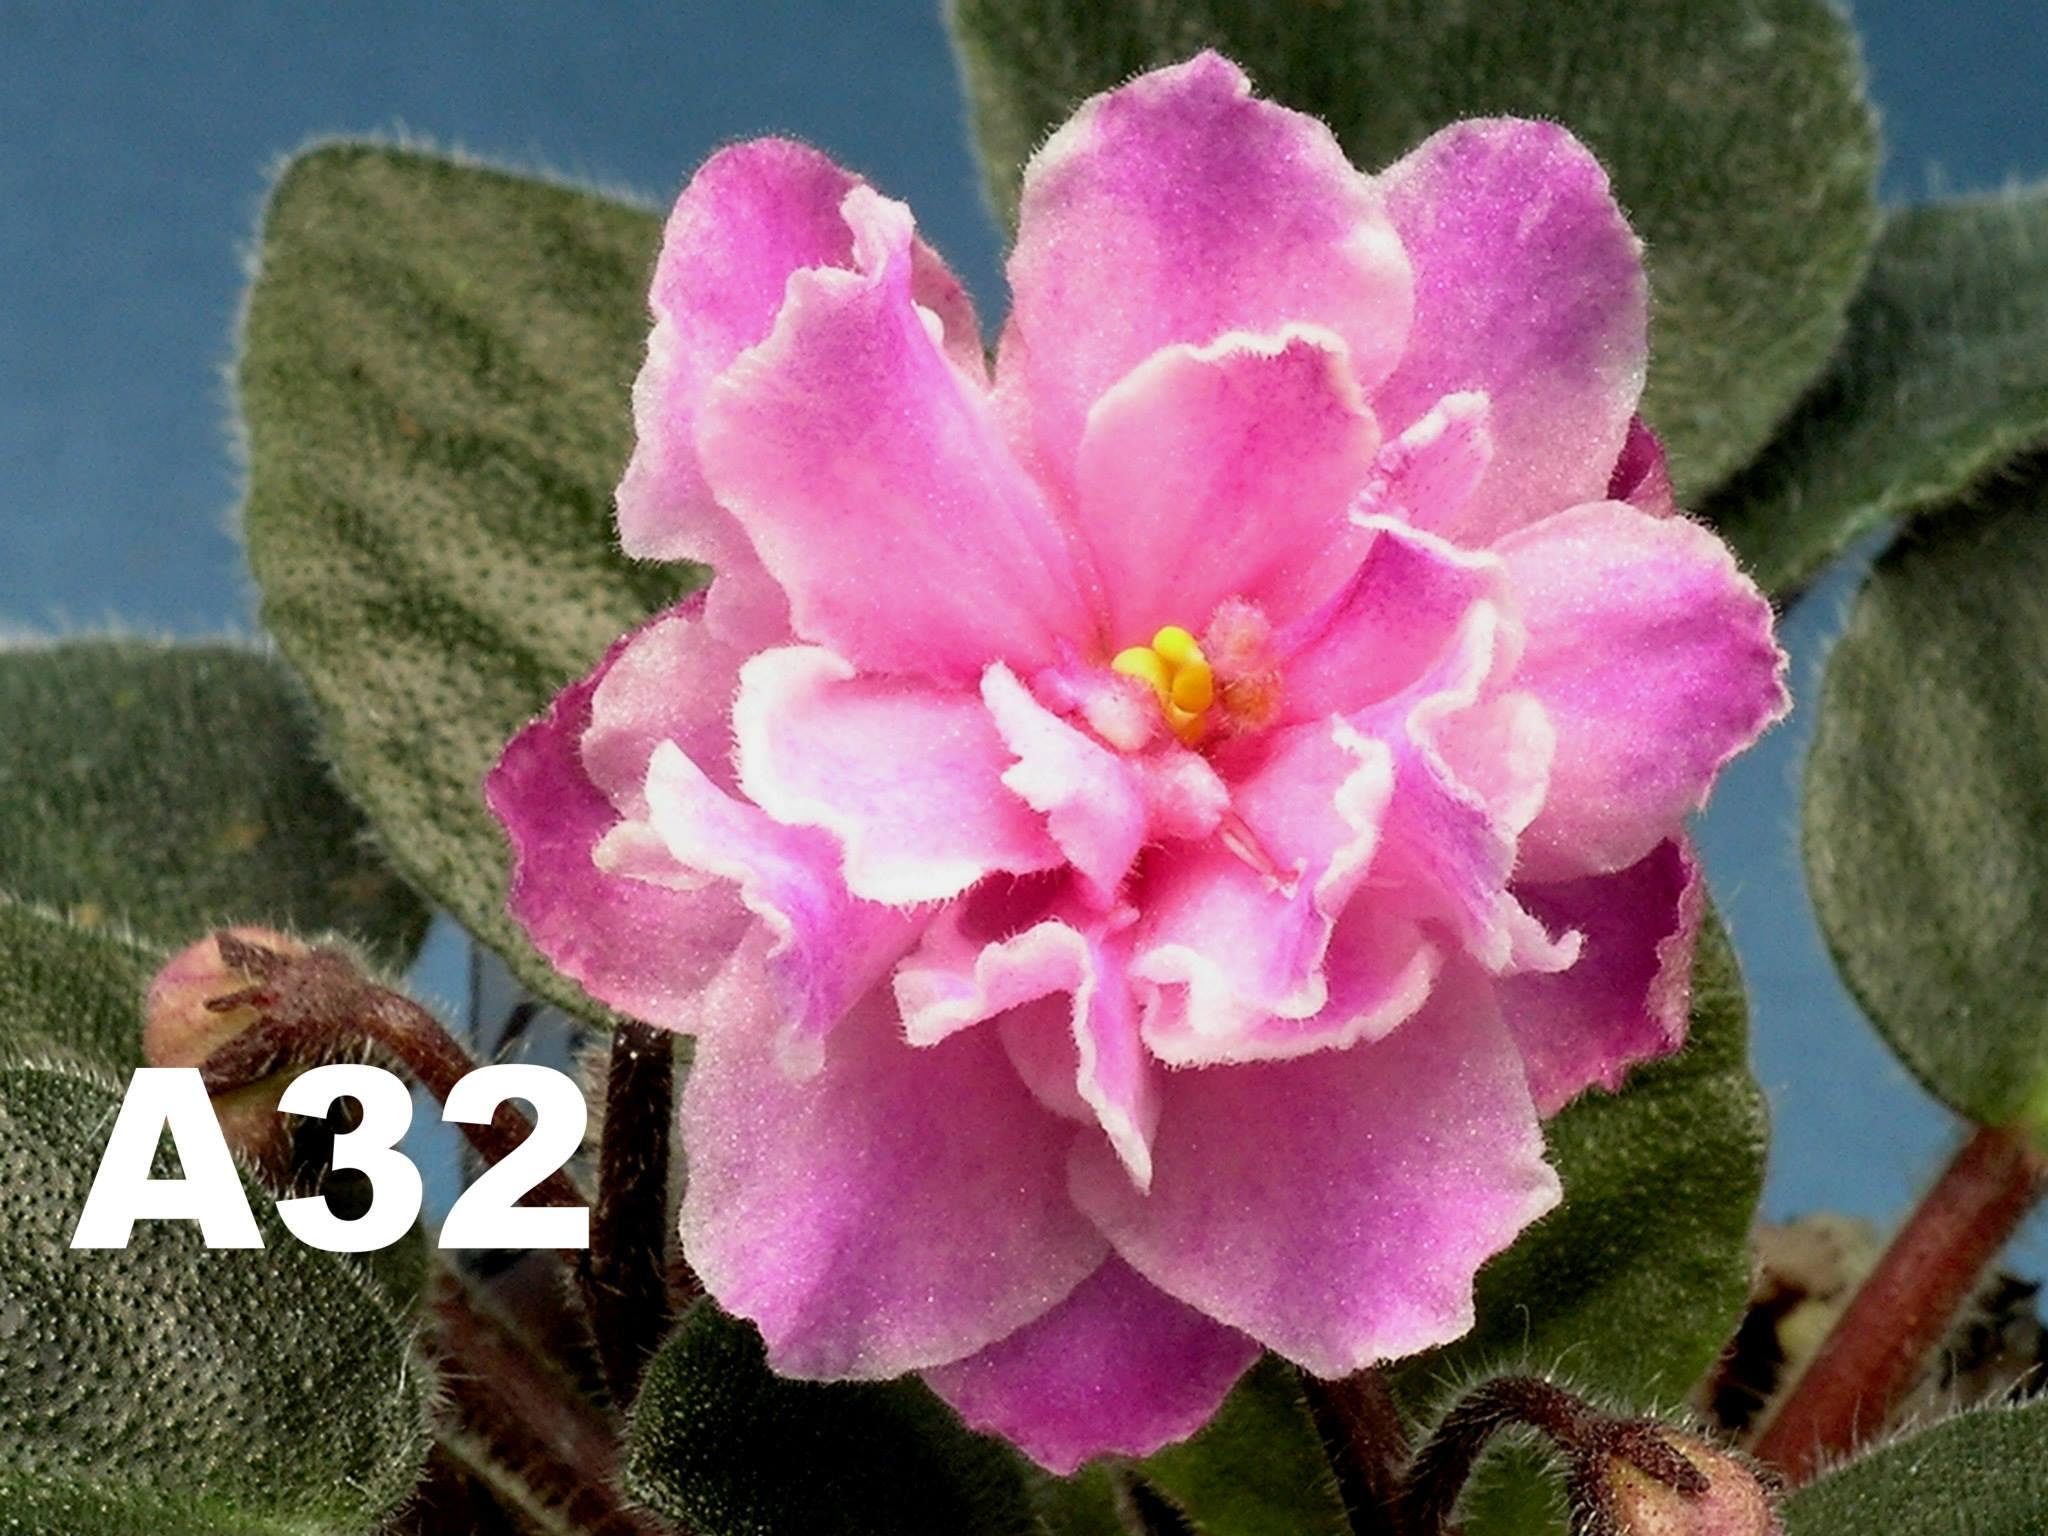 非洲紫羅蘭名錄 | African Violets Catalogue - A系列 A32